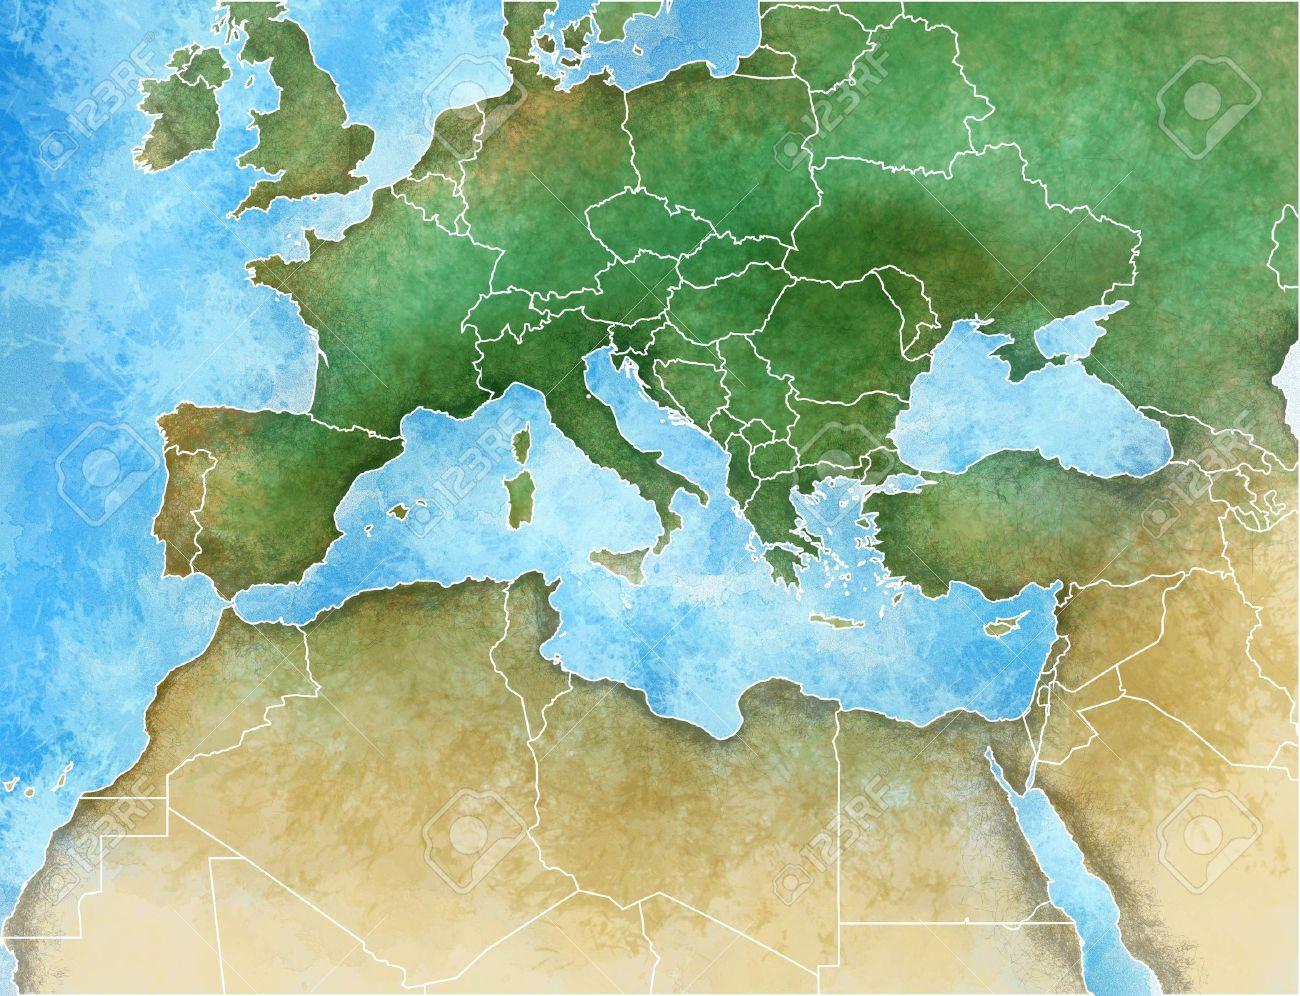 Carte De Leurope Et Moyen Orient.Carte Dessinee A La Main De La Mediterranee L Europe L Afrique Et Le Moyen Orient